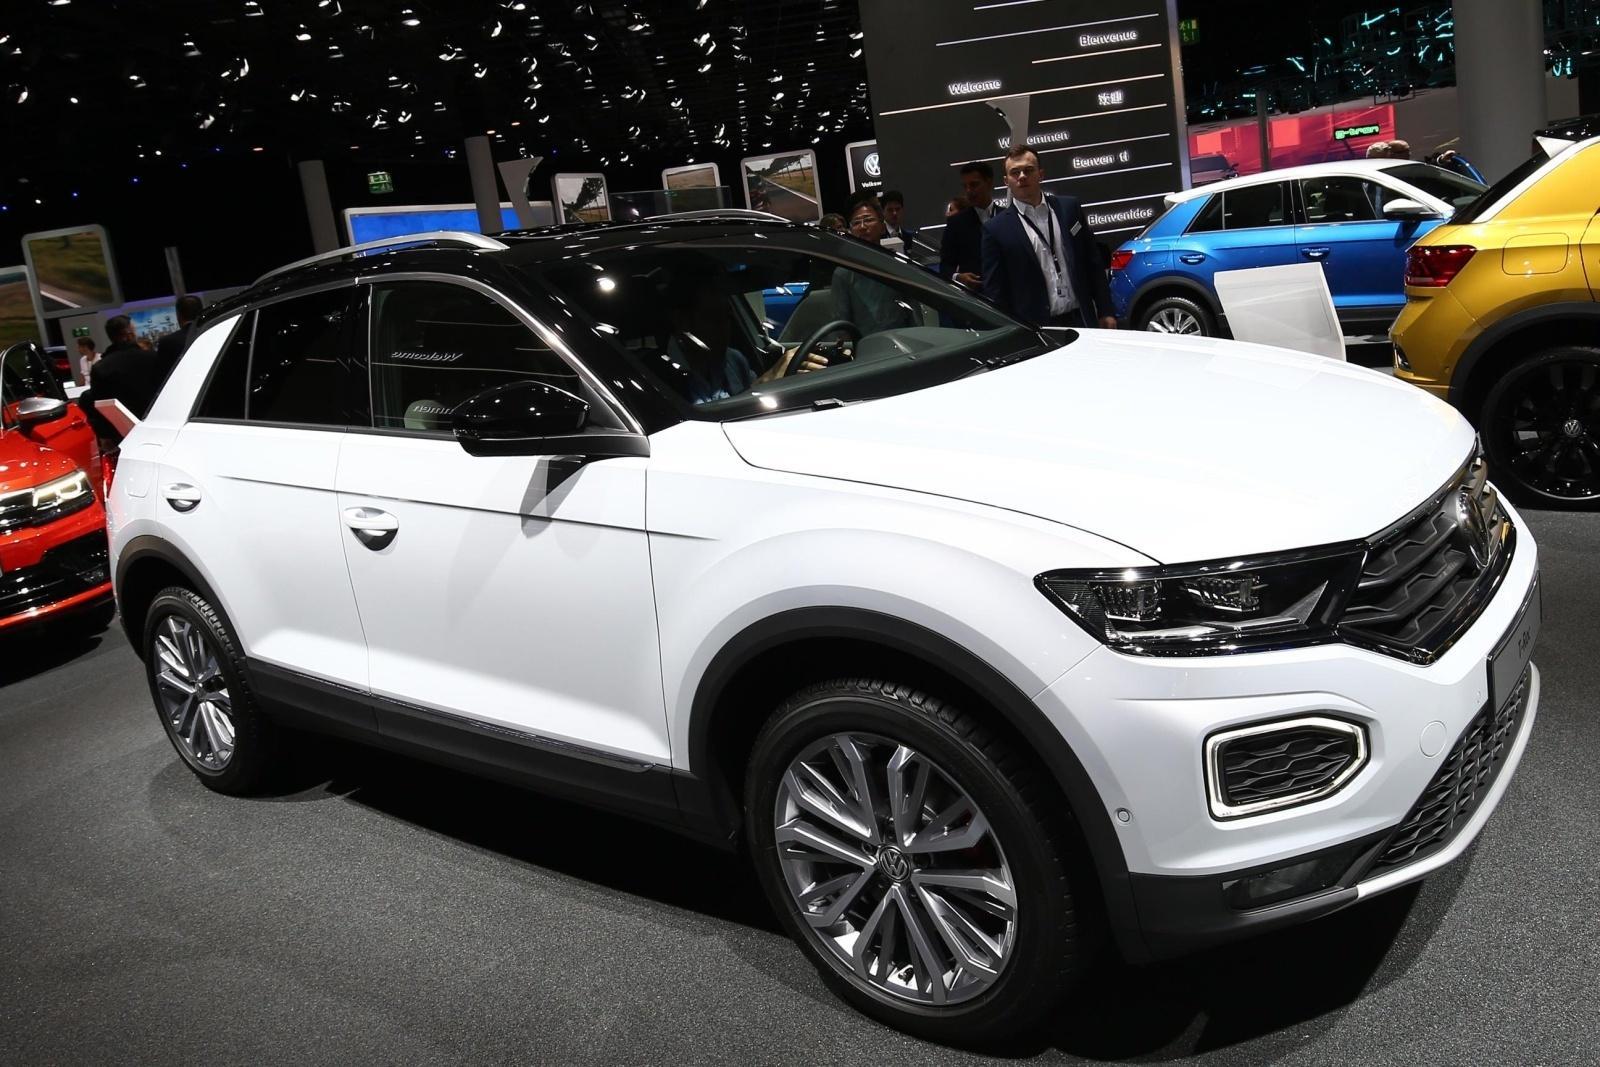 Volkswagen T Roc Da Pistas De Como Sera O T Cross Suv Que Chega Em 2018 23 09 2017 Uol Carros